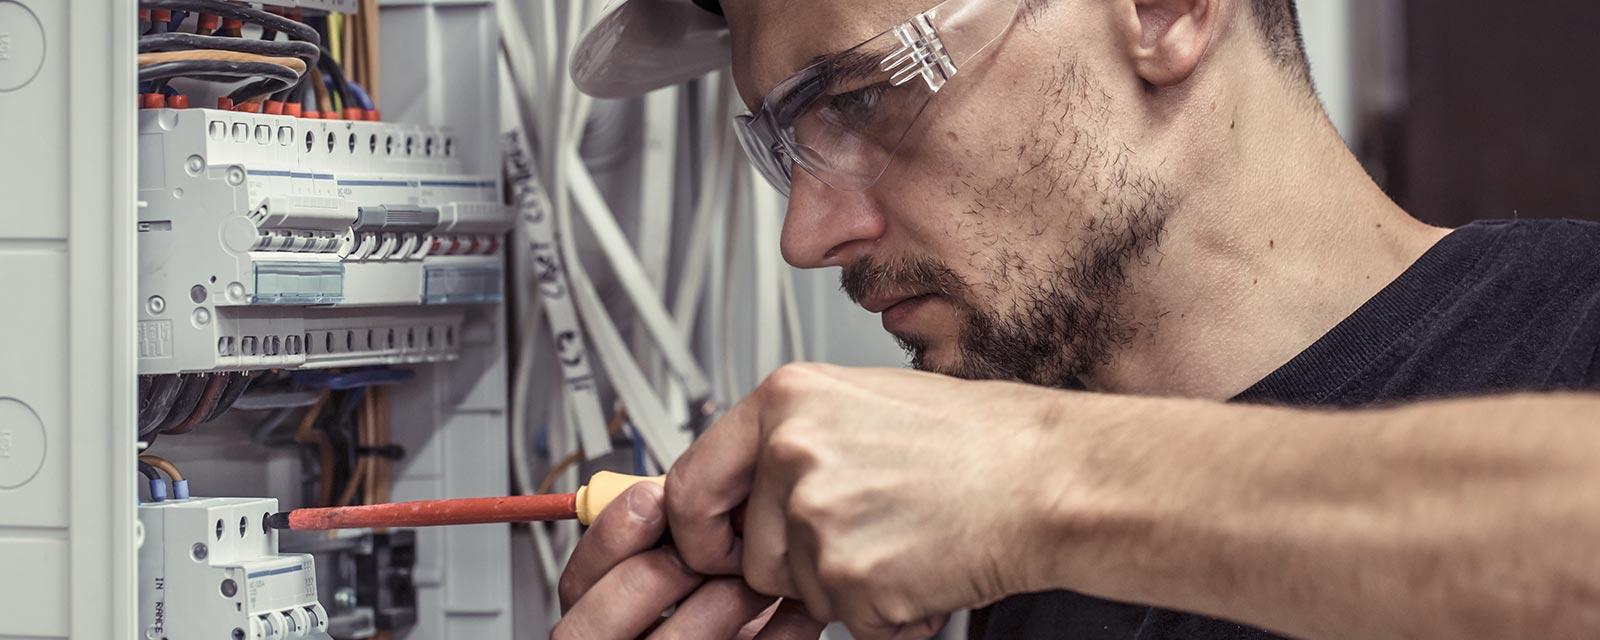 Etude De Marche Artisan Electricien les compétences d'un artisan électricien | guide artisan